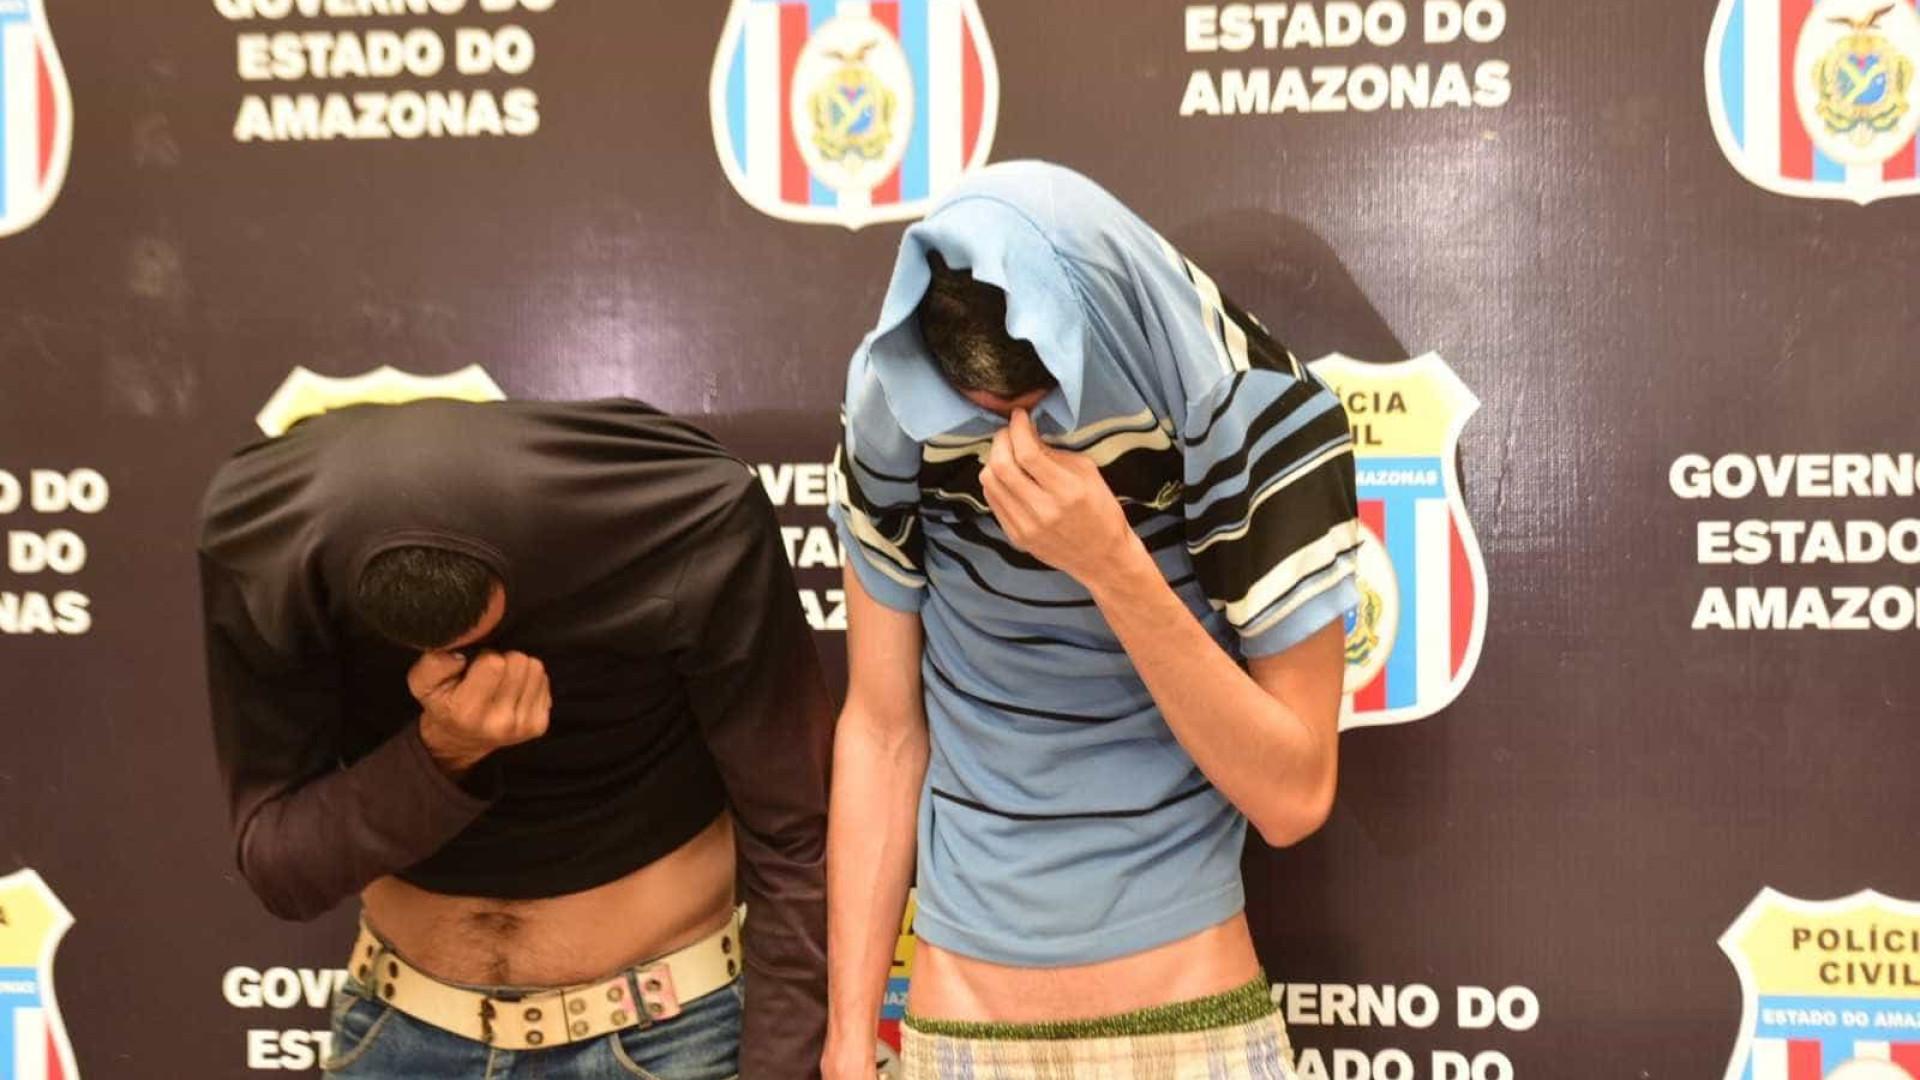 Polícia apreende 30 kg de drogas em condomínio de luxo